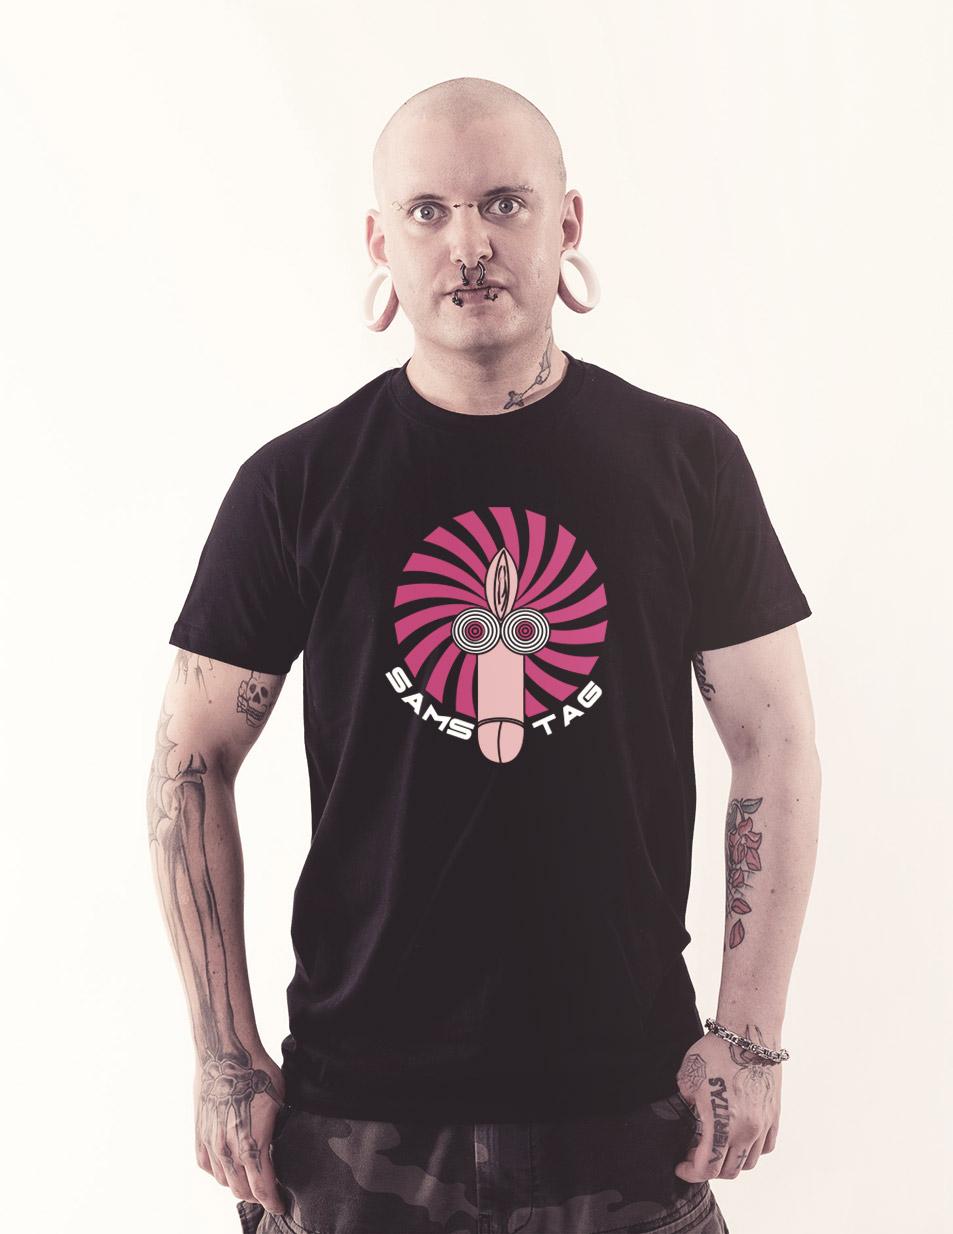 Fotzenpimmelshirt - Samstag mehrfarbig auf schwarz